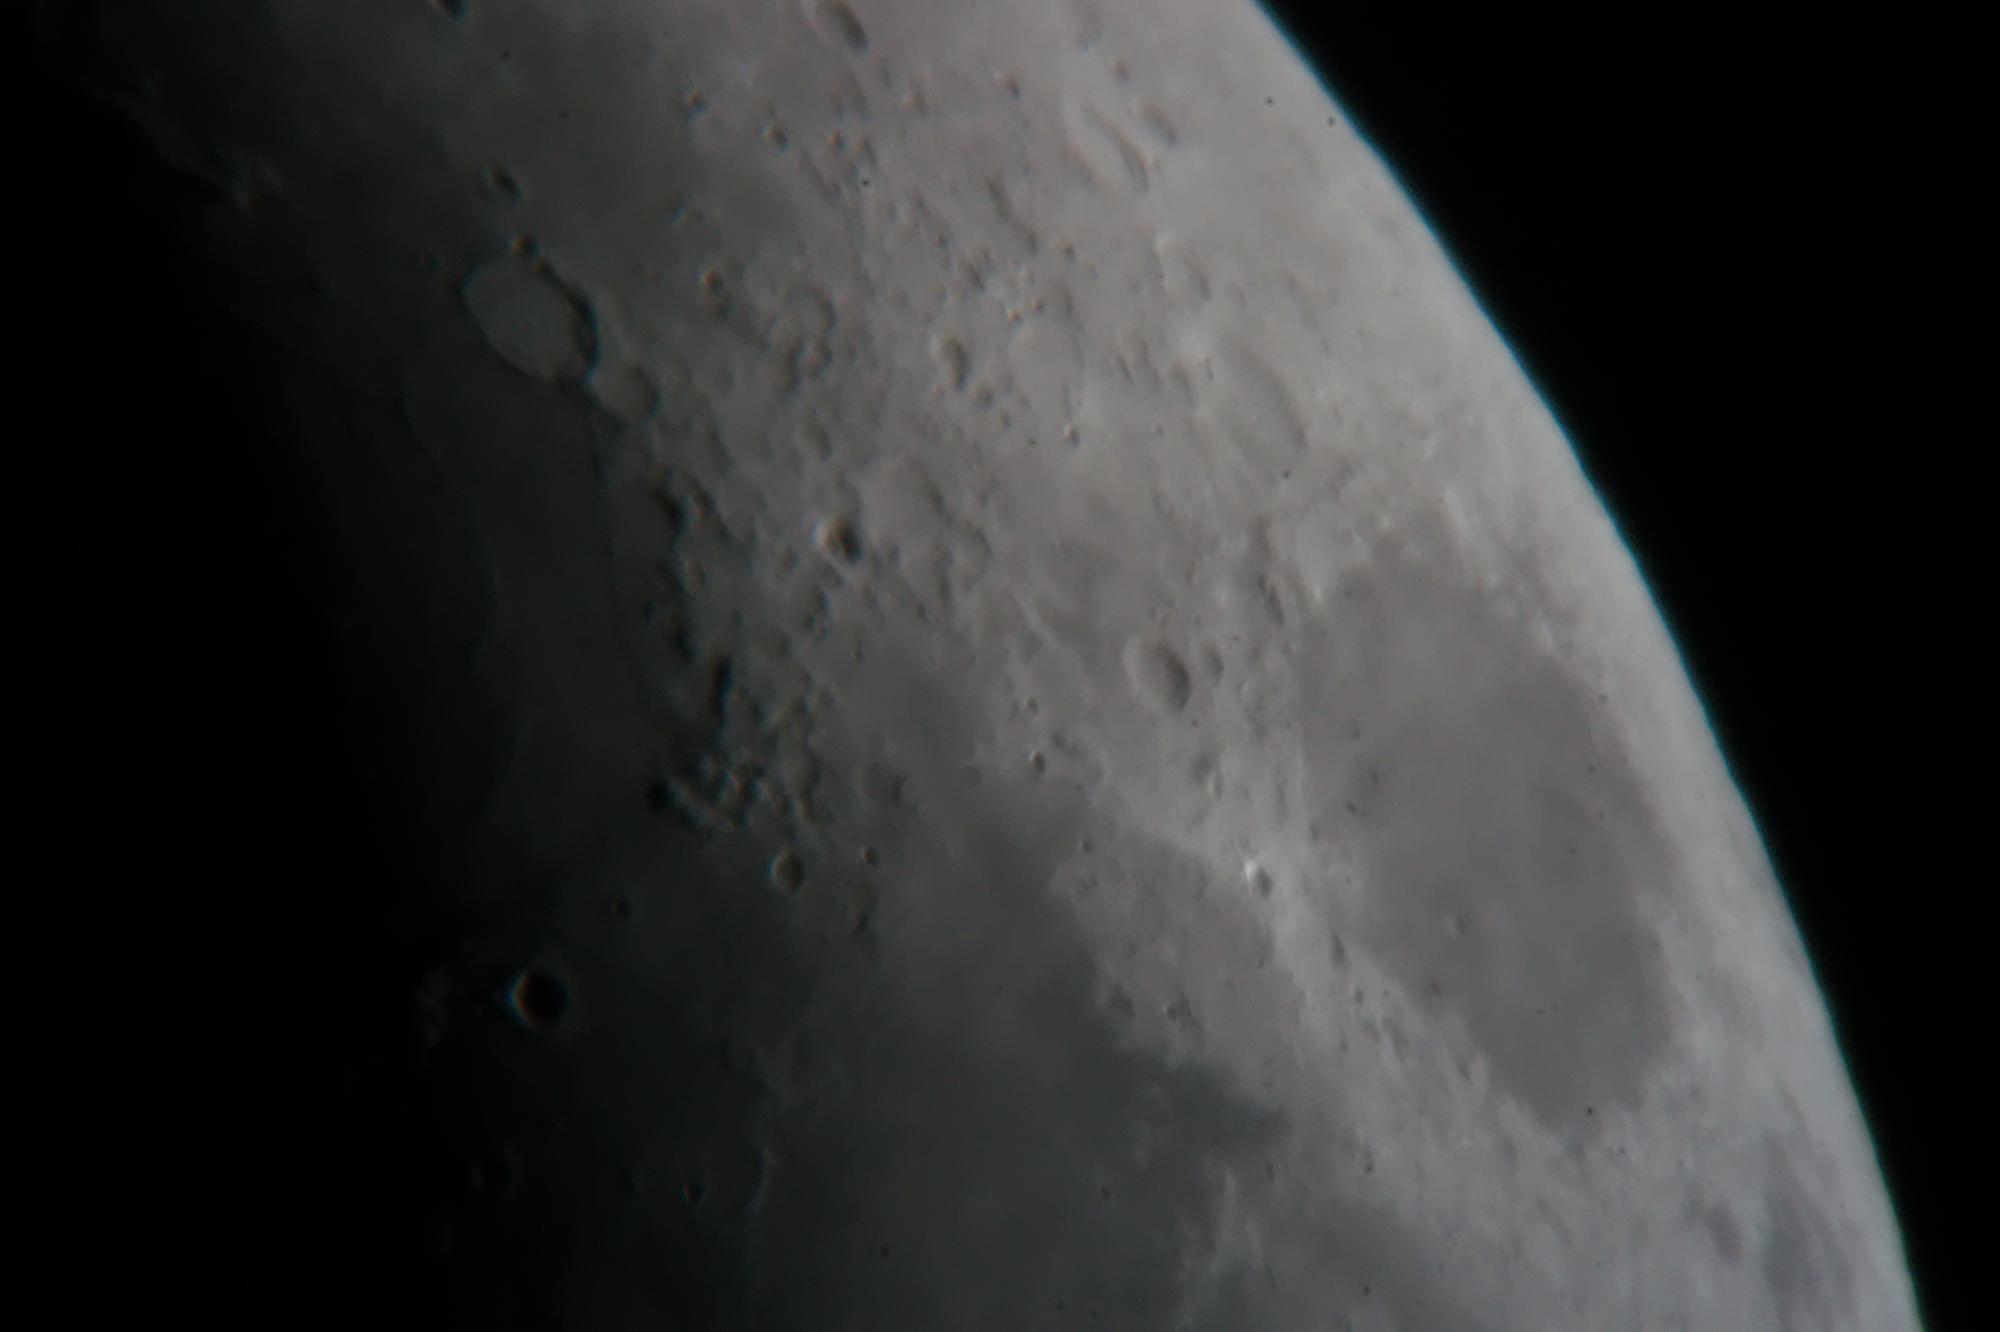 Mond 03.01.17.3